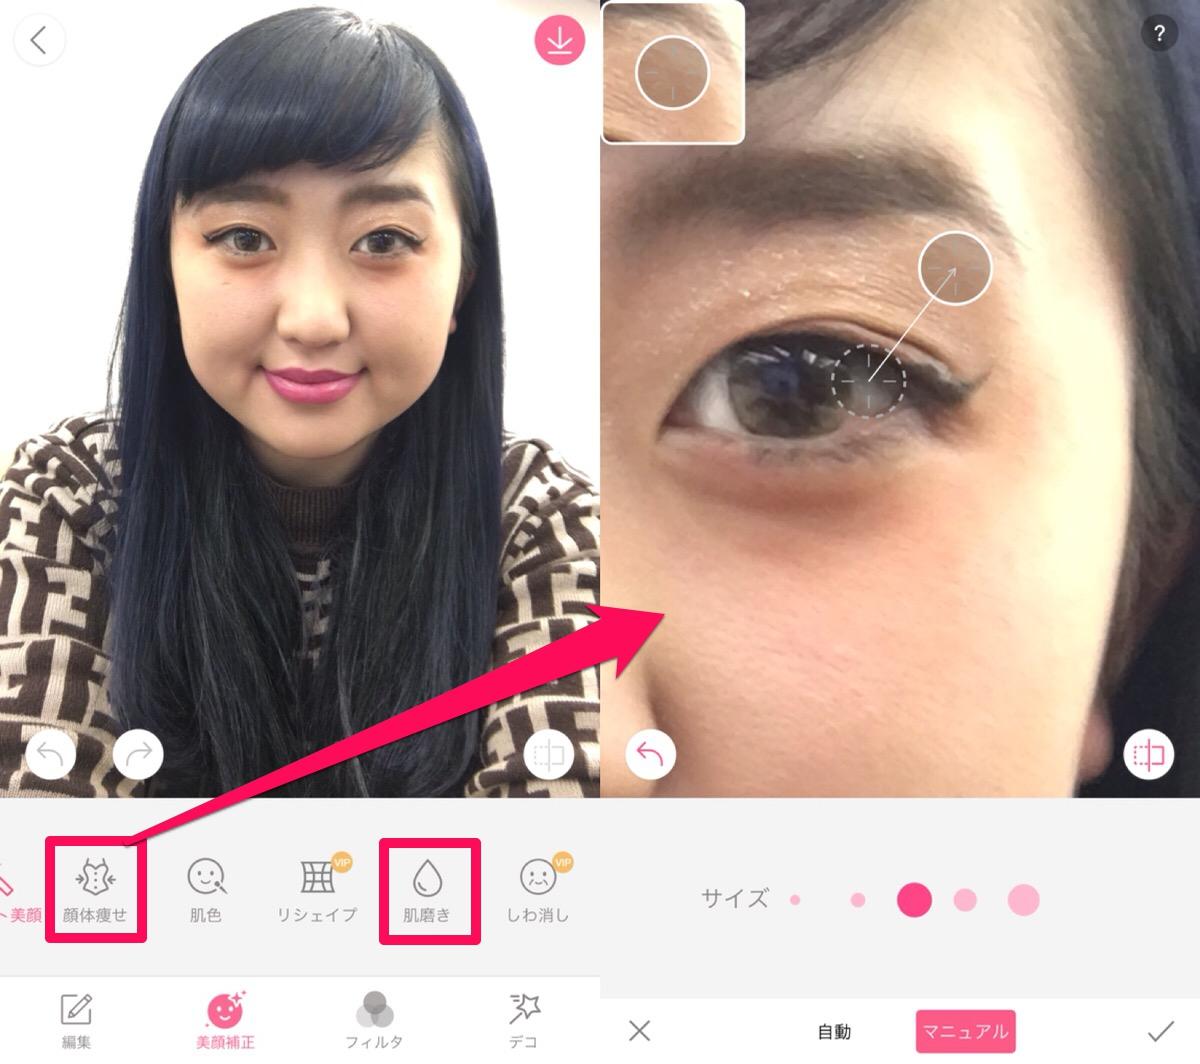 「BeautyPlus」でえりなっちの写真を加工